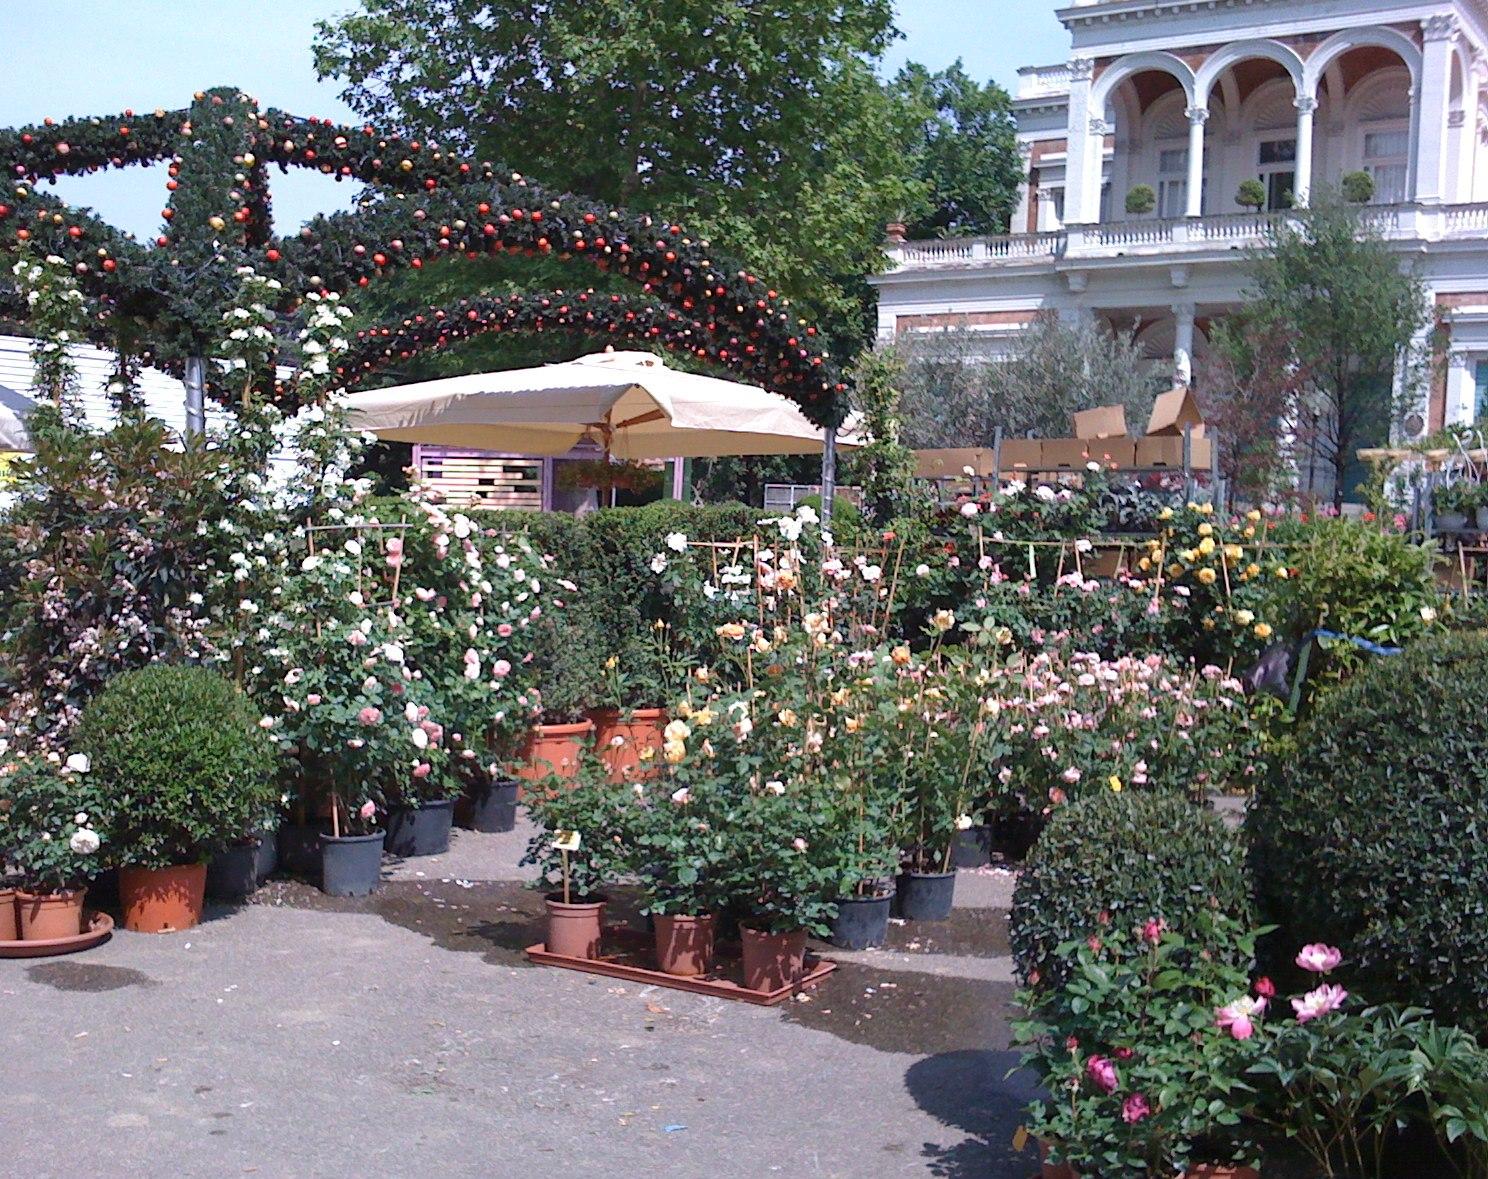 Mostra mercato piante fiori ed arredi artigianato - Giardini sui terrazzi ...